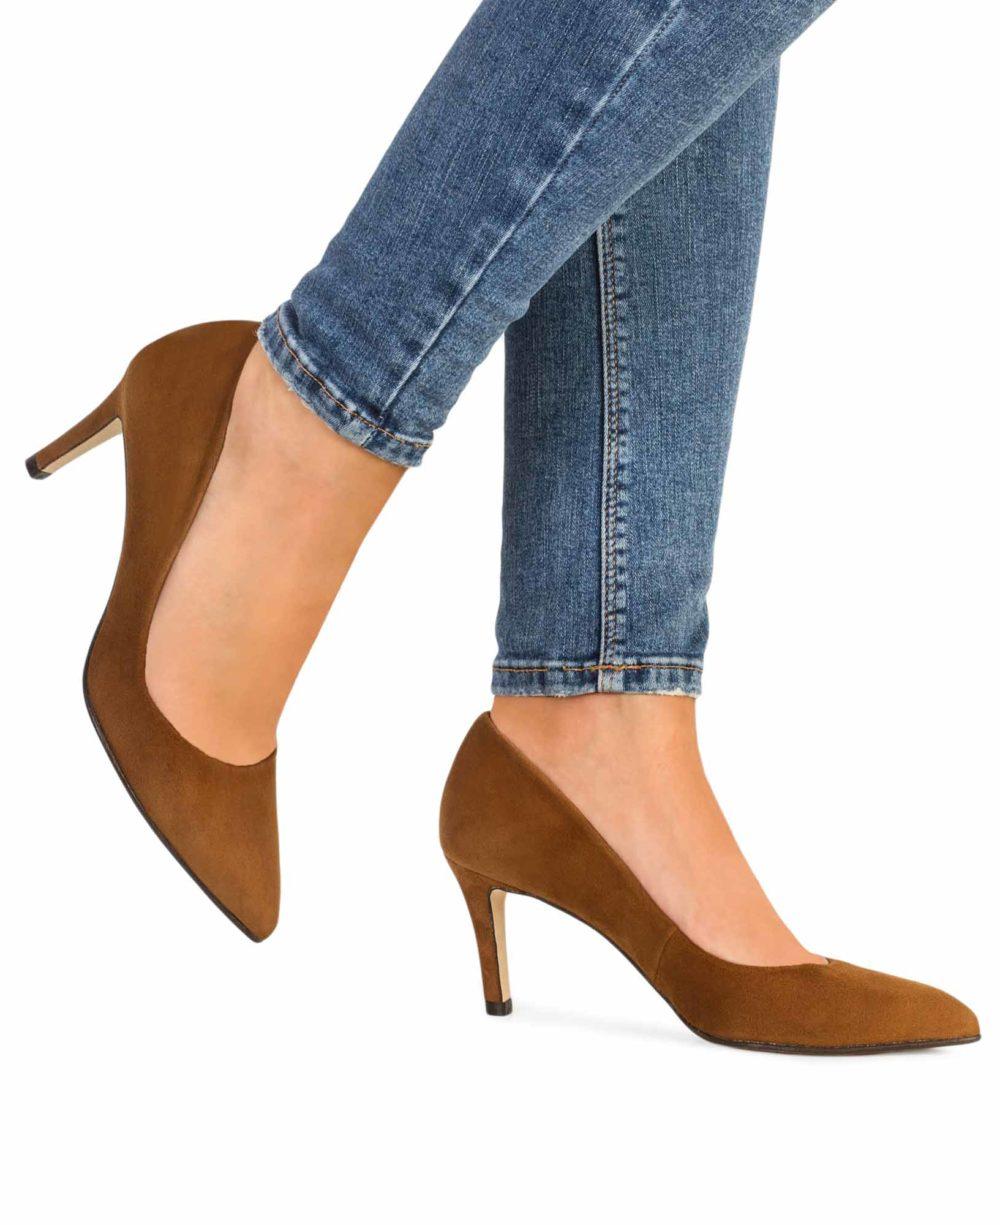 Zapatos de salón de Paco Gil. Zapatos de piel modelo Rita. Foto piernas